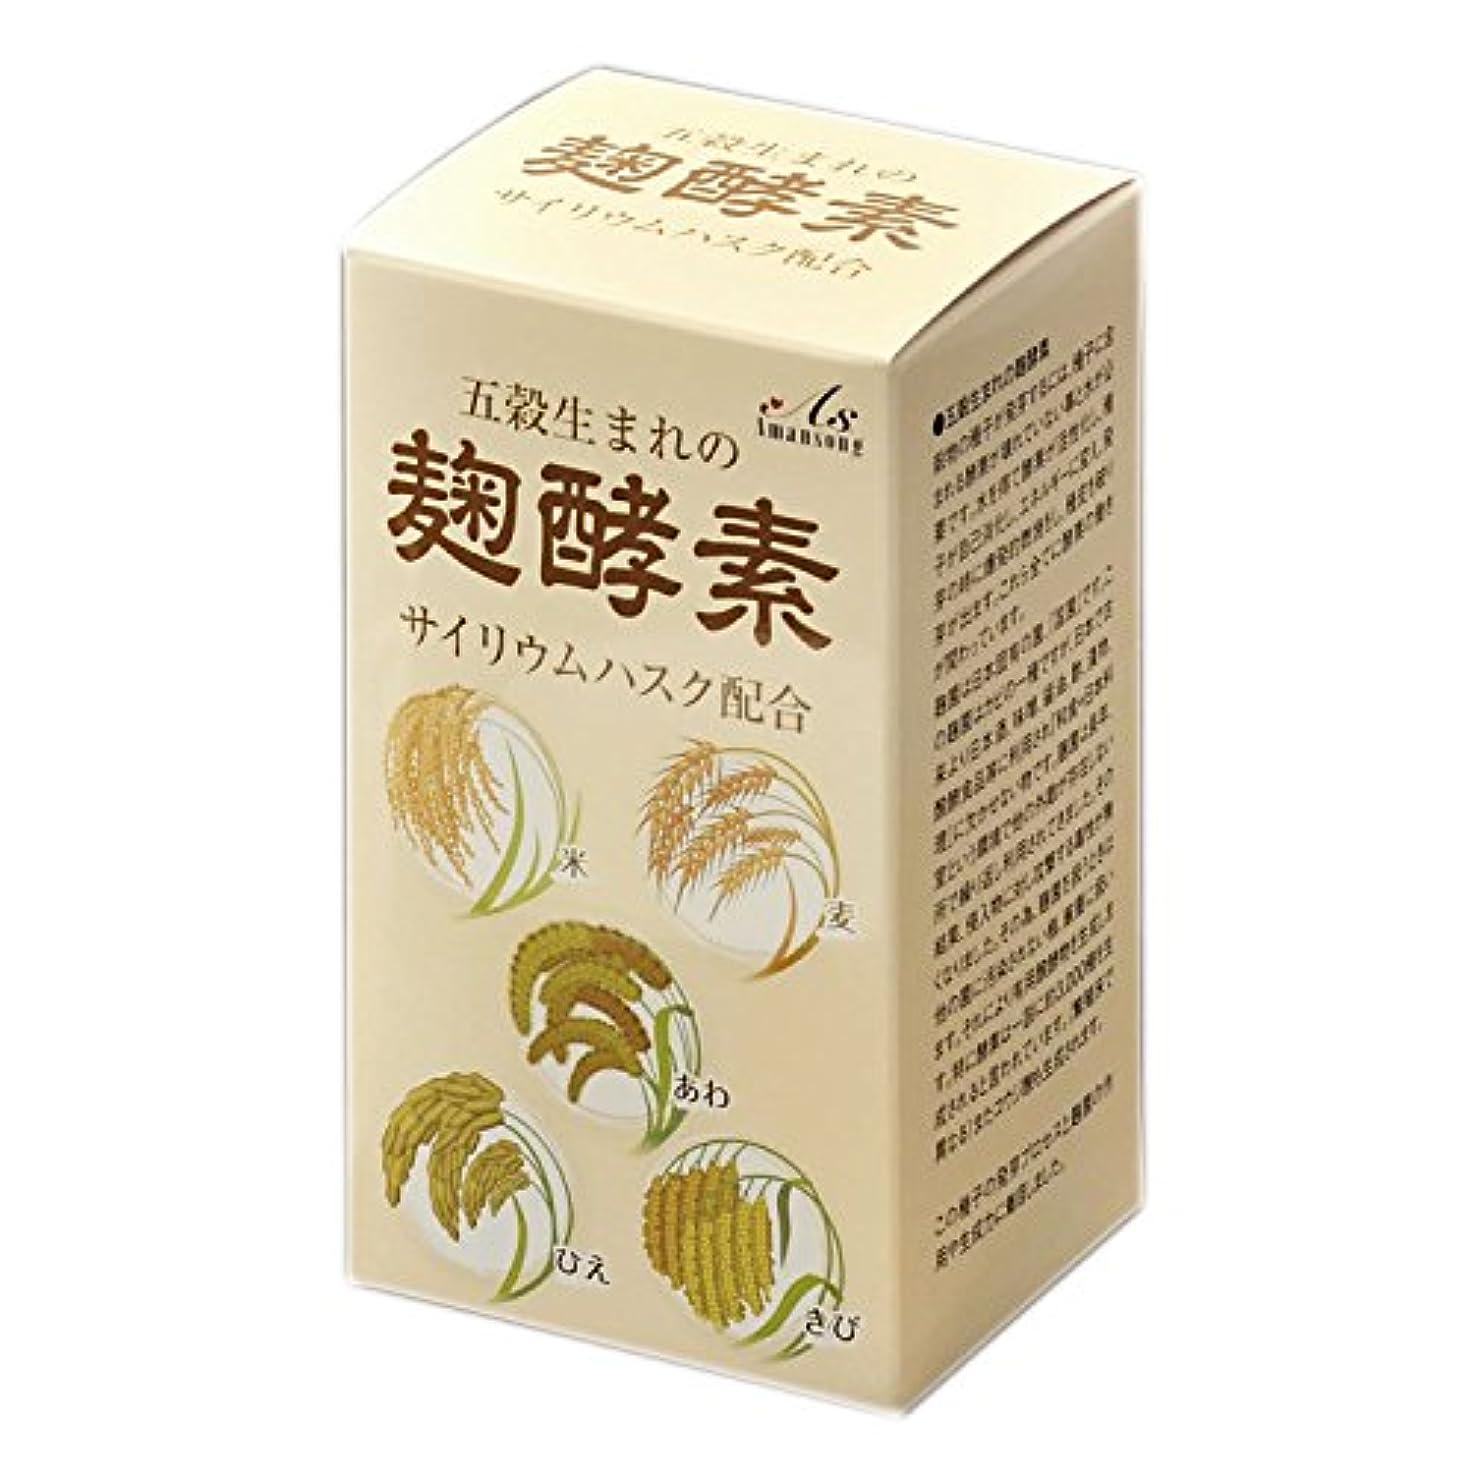 長椅子彫刻家言うA?S 五穀生まれの麹酵素 ヨーグルト風味で、活きた酵素を手軽に摂取 30包入り